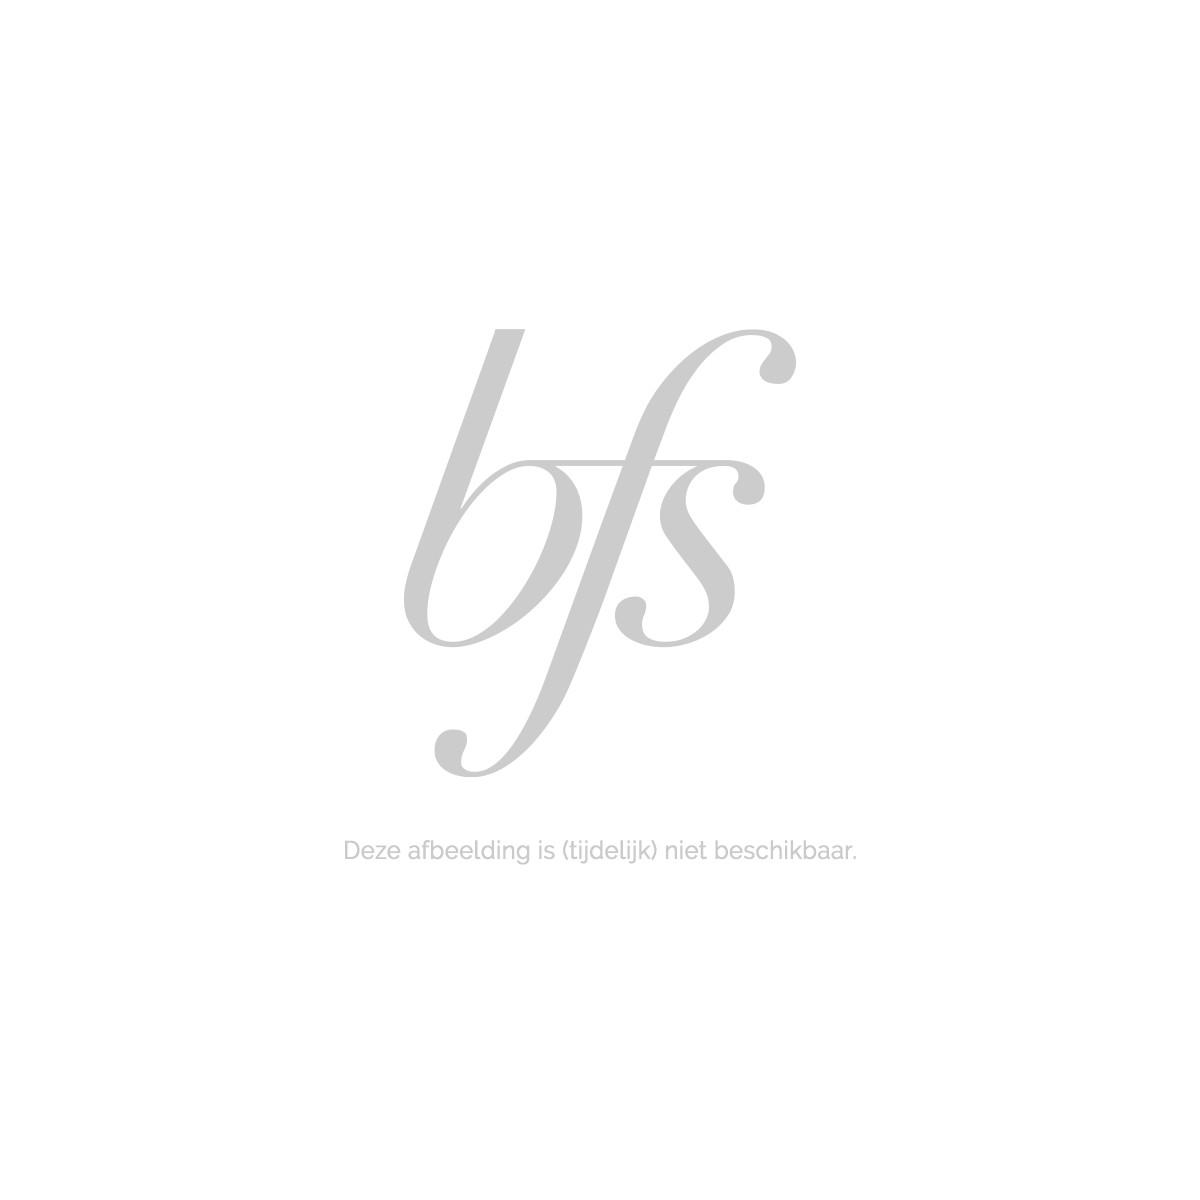 Pupa IM Matt Lipstick 051 Blue fuchsia